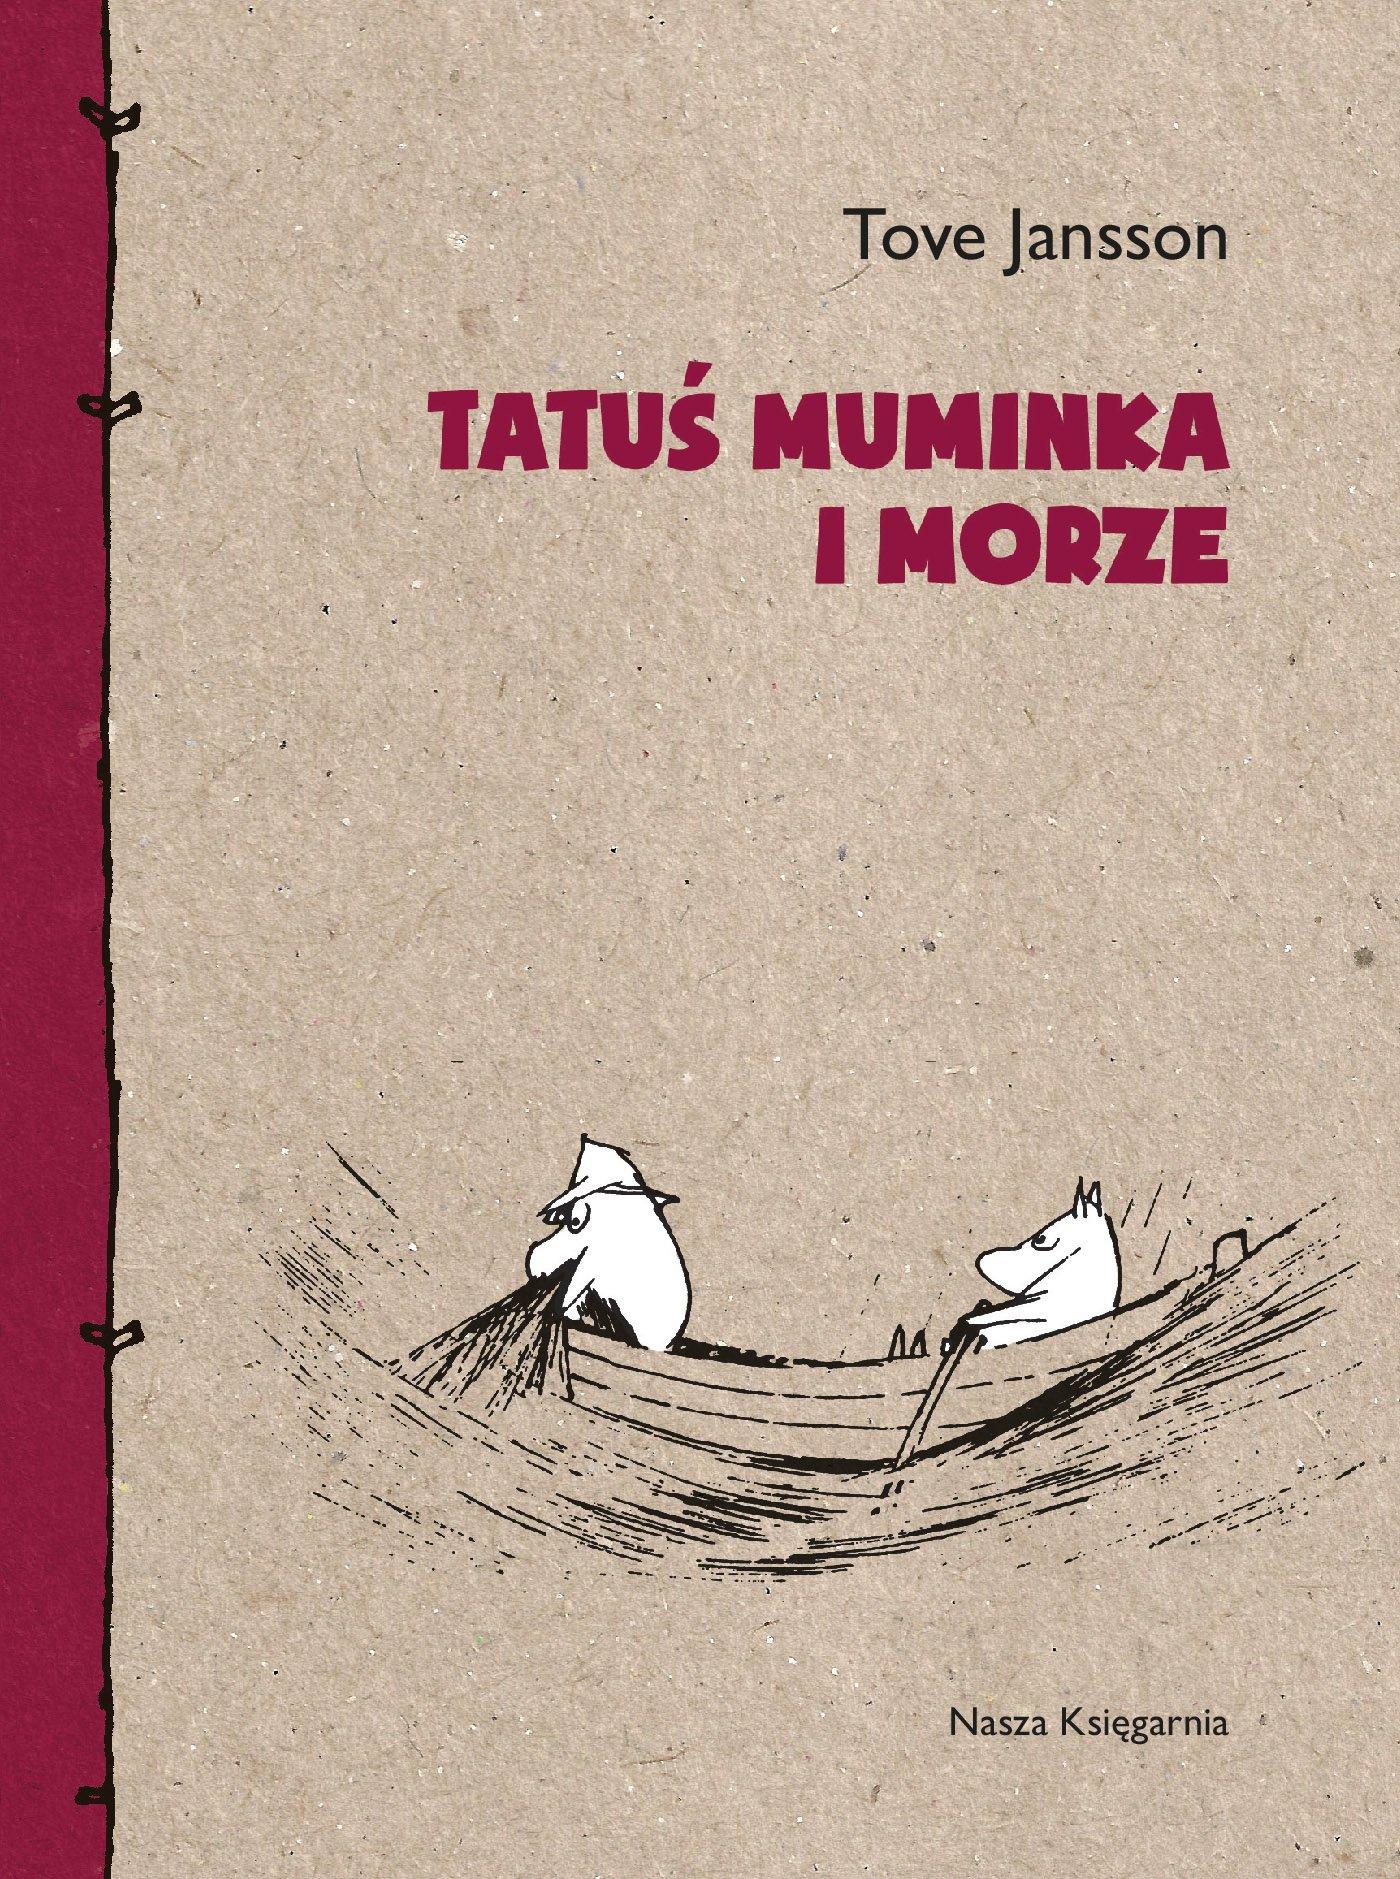 Tatuś Muminka i morze - Ebook (Książka EPUB) do pobrania w formacie EPUB